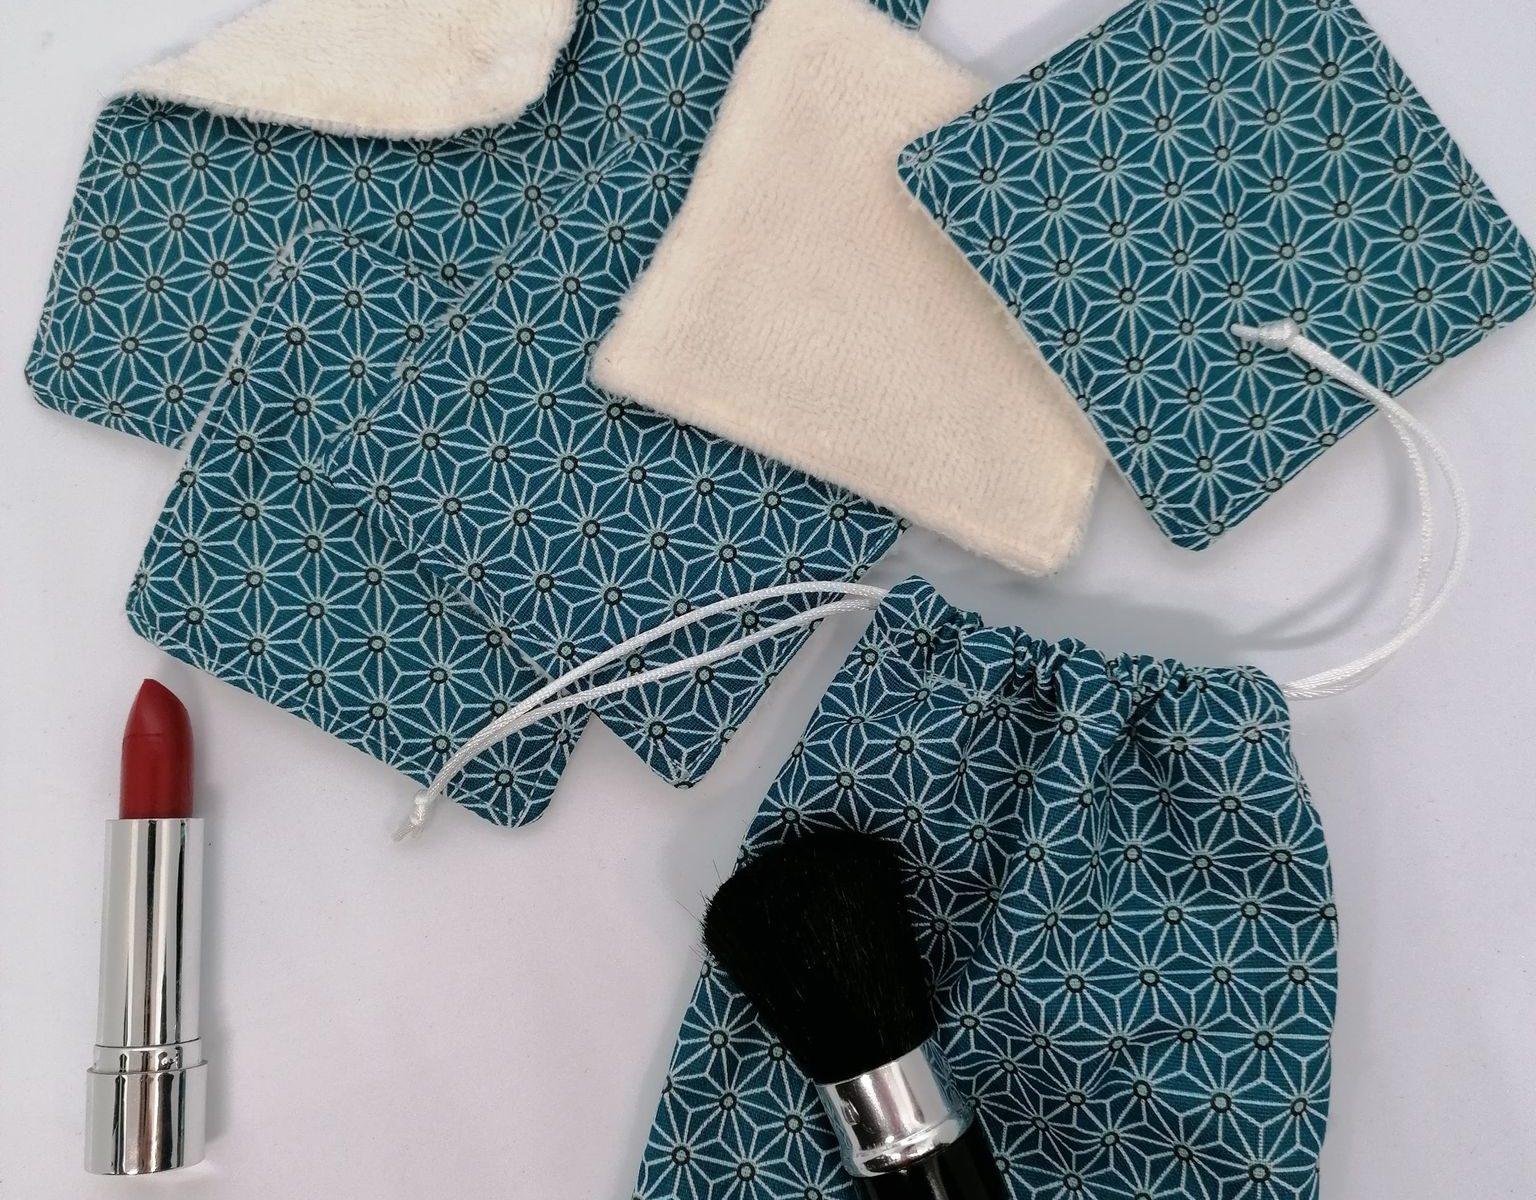 kit-lingettes-bleues-geometriques-breizh-RAINette-produit-breton.